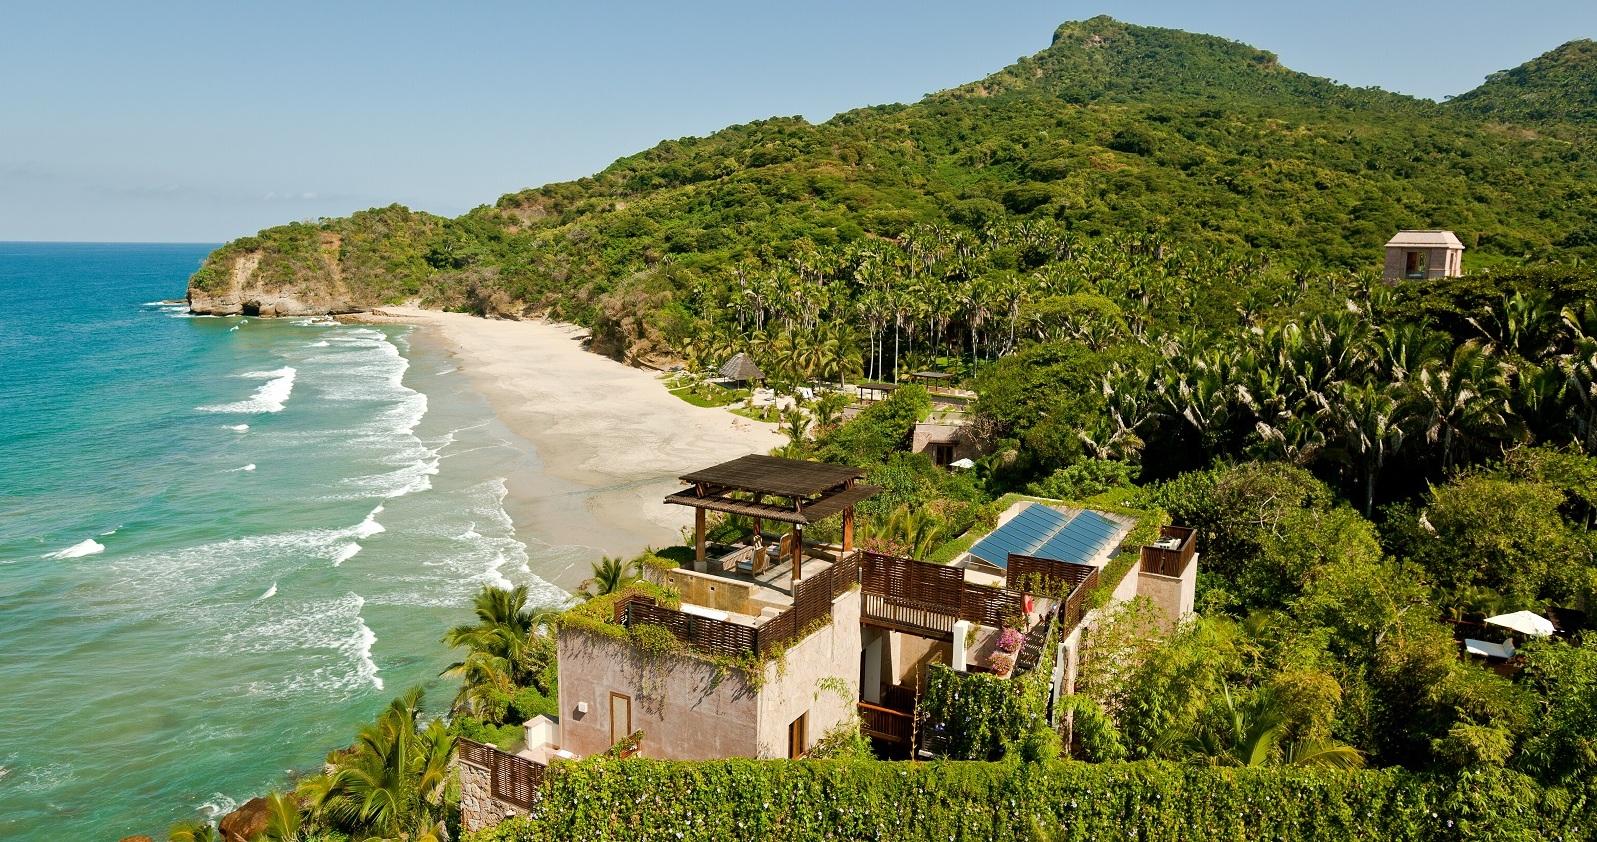 imanta-resort-beach-view